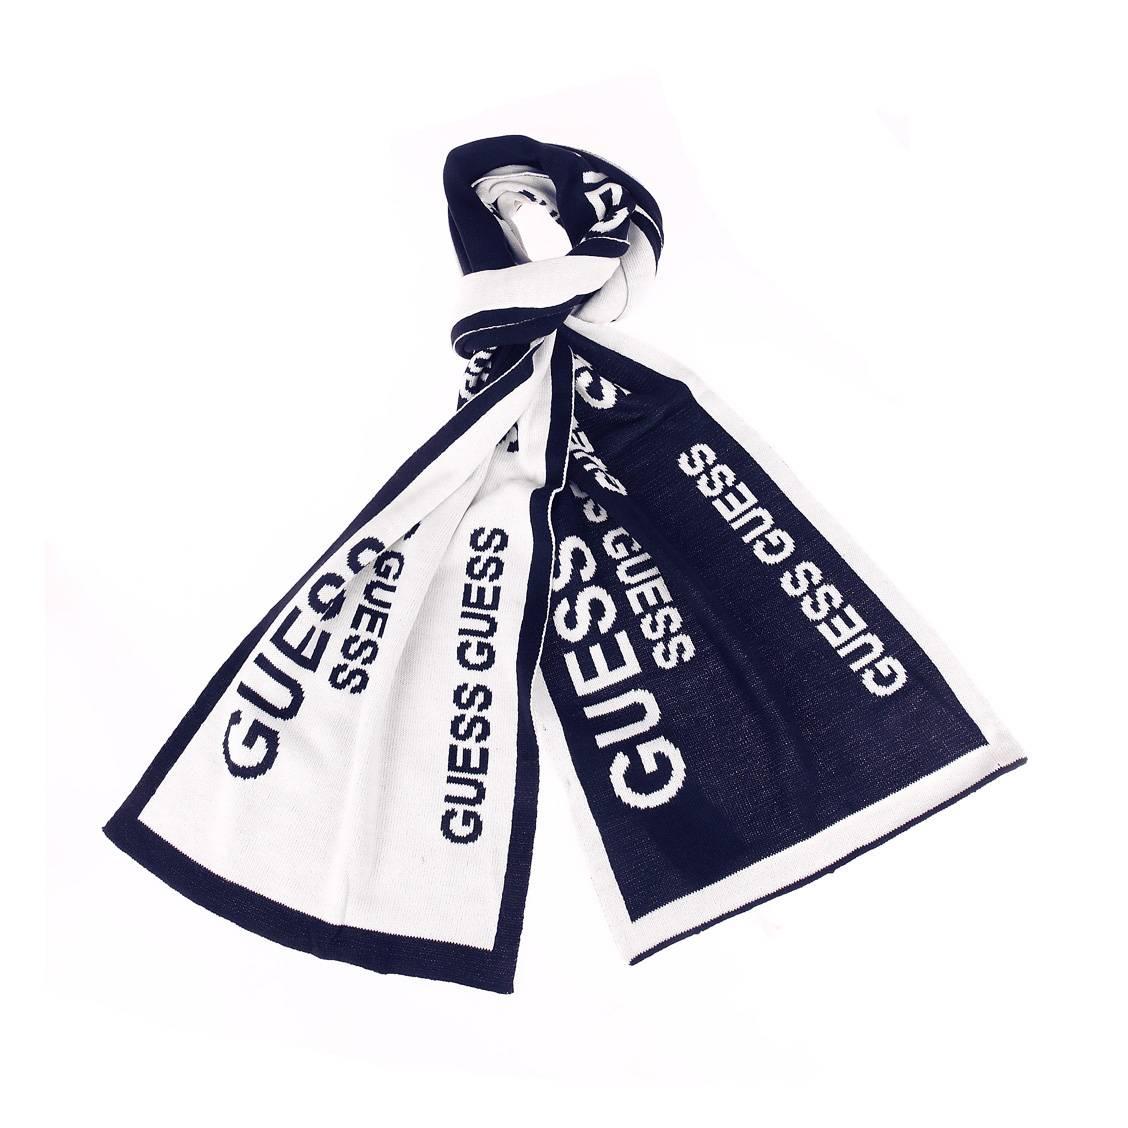 Echarpe  bleu marine à bords blancs et monogrammée en blanc réversible